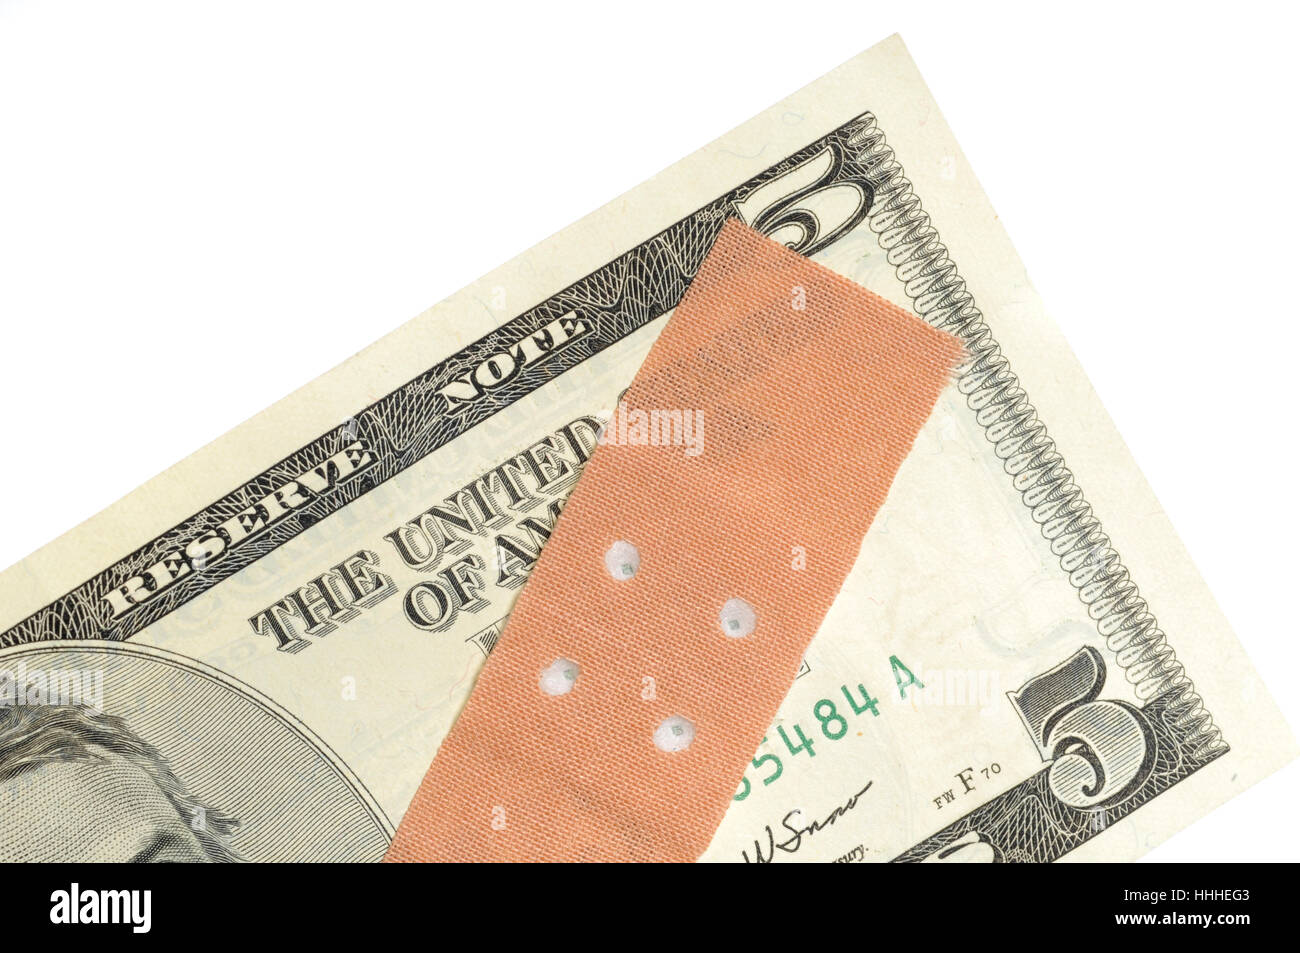 dollar, dollars, plaster, hurt, poor, weak, nervelessly, chippy, dollar, - Stock Image